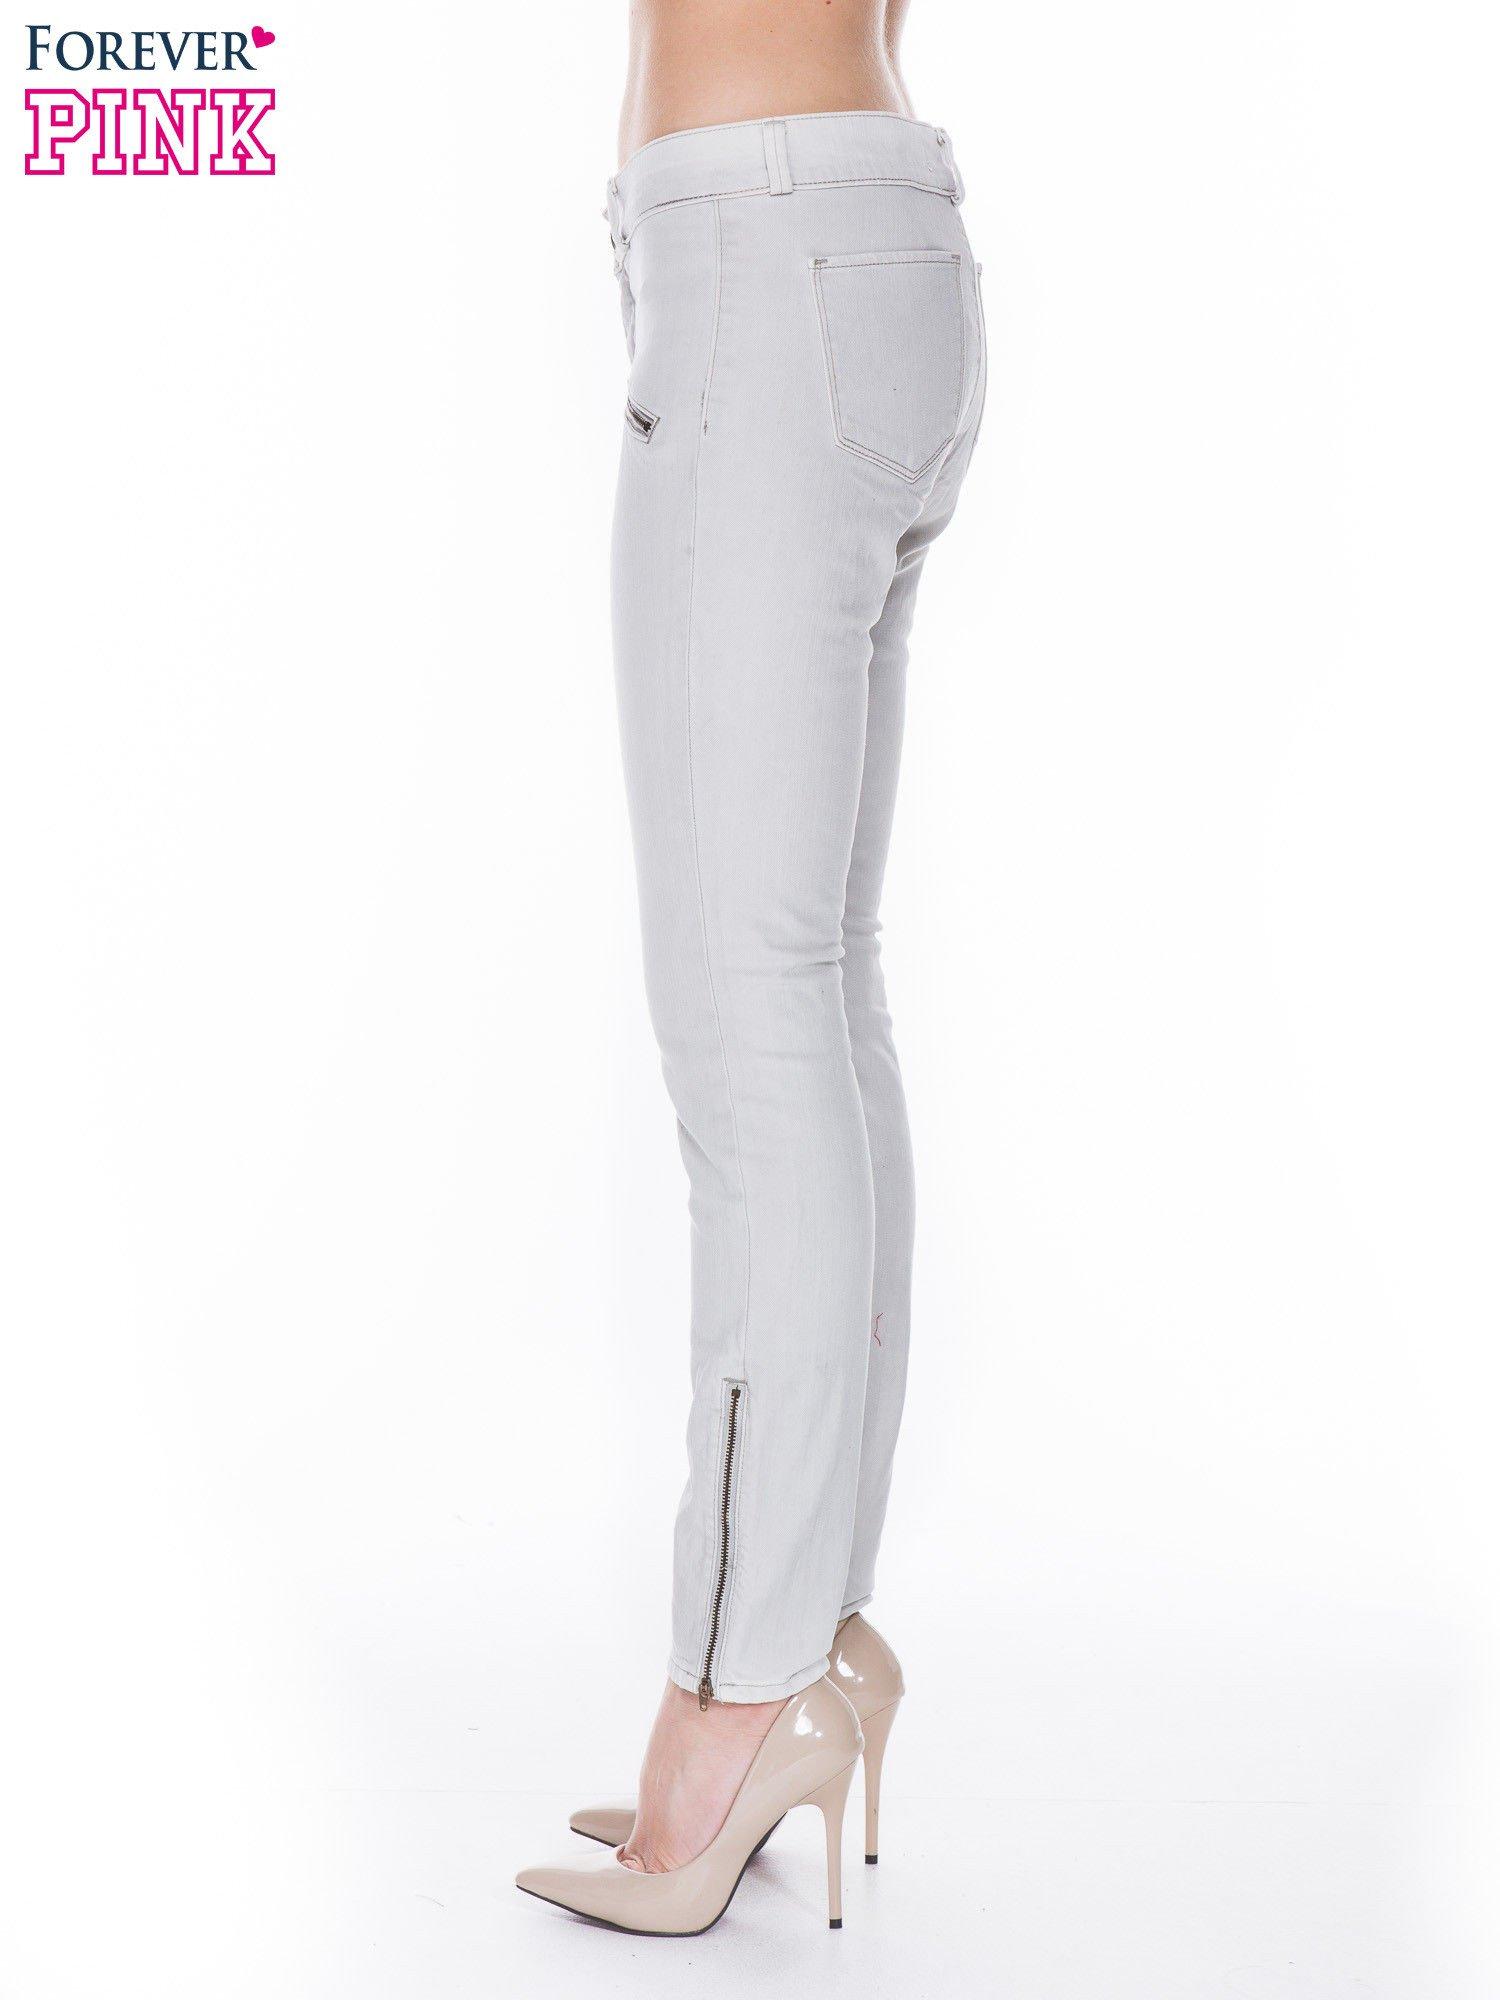 Jasnoszare spodnie jeansowe typu skinny z suwakami na górze i przy nogawkach                                  zdj.                                  3